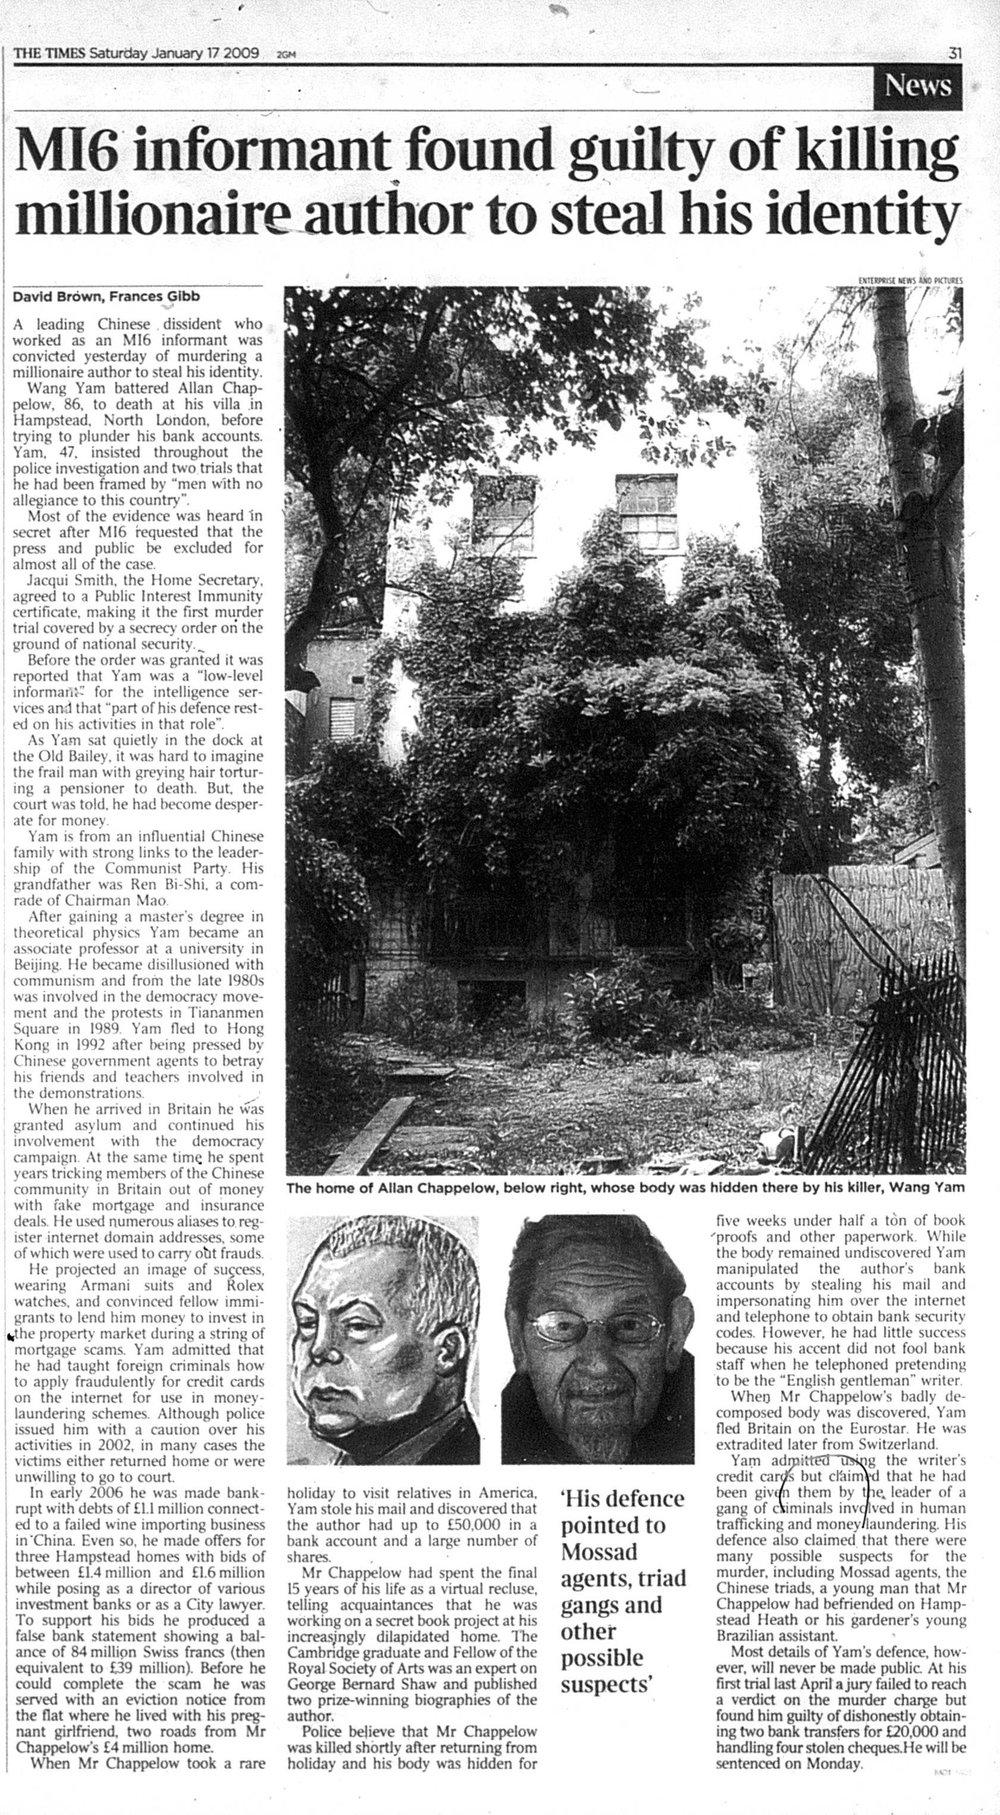 Times 17 January 2009